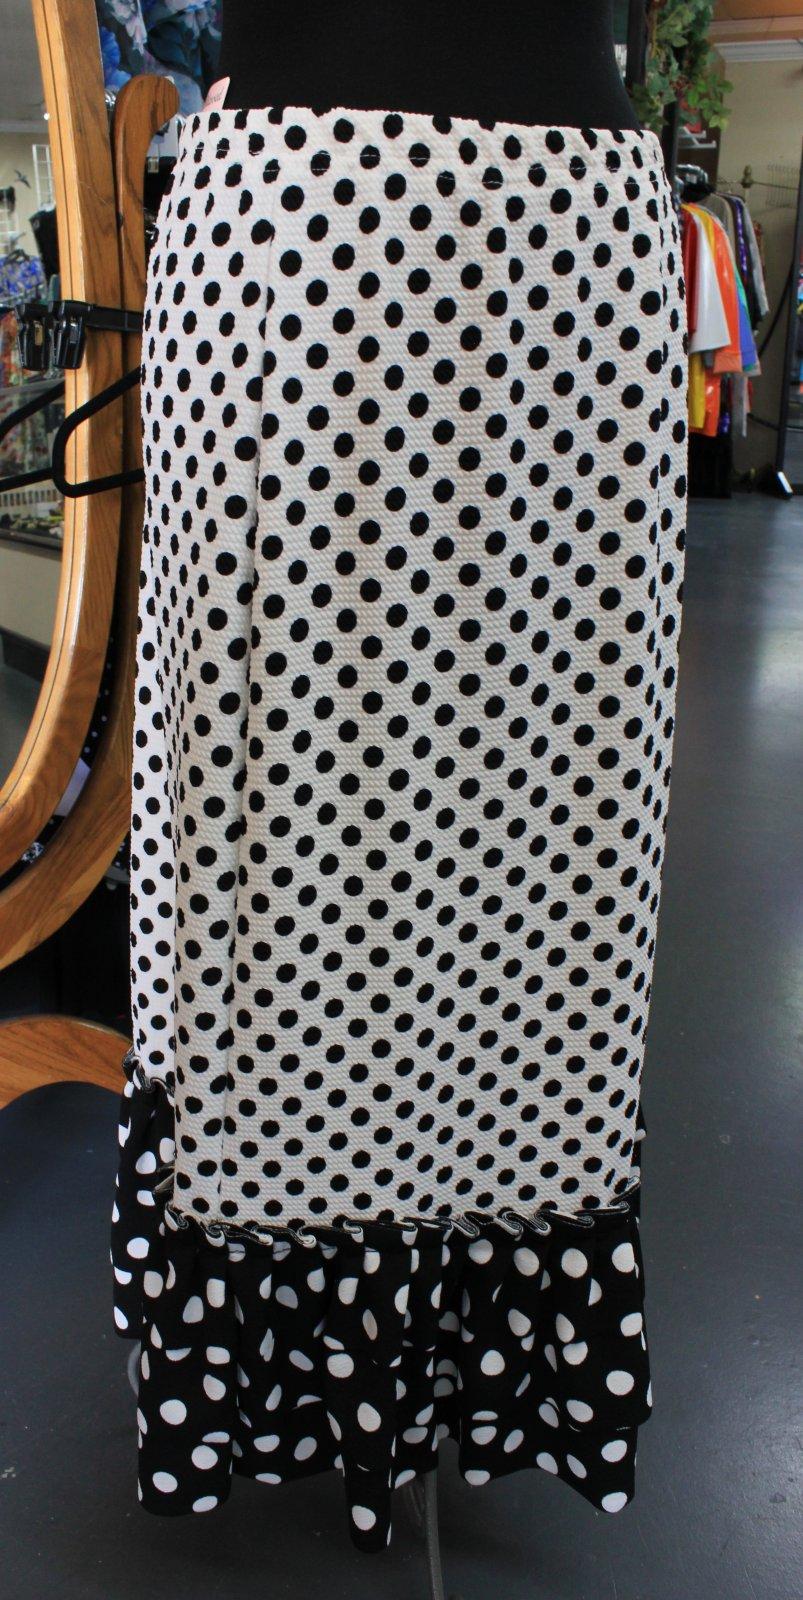 Plus W/B dots ruffle skirt - Shane Lee